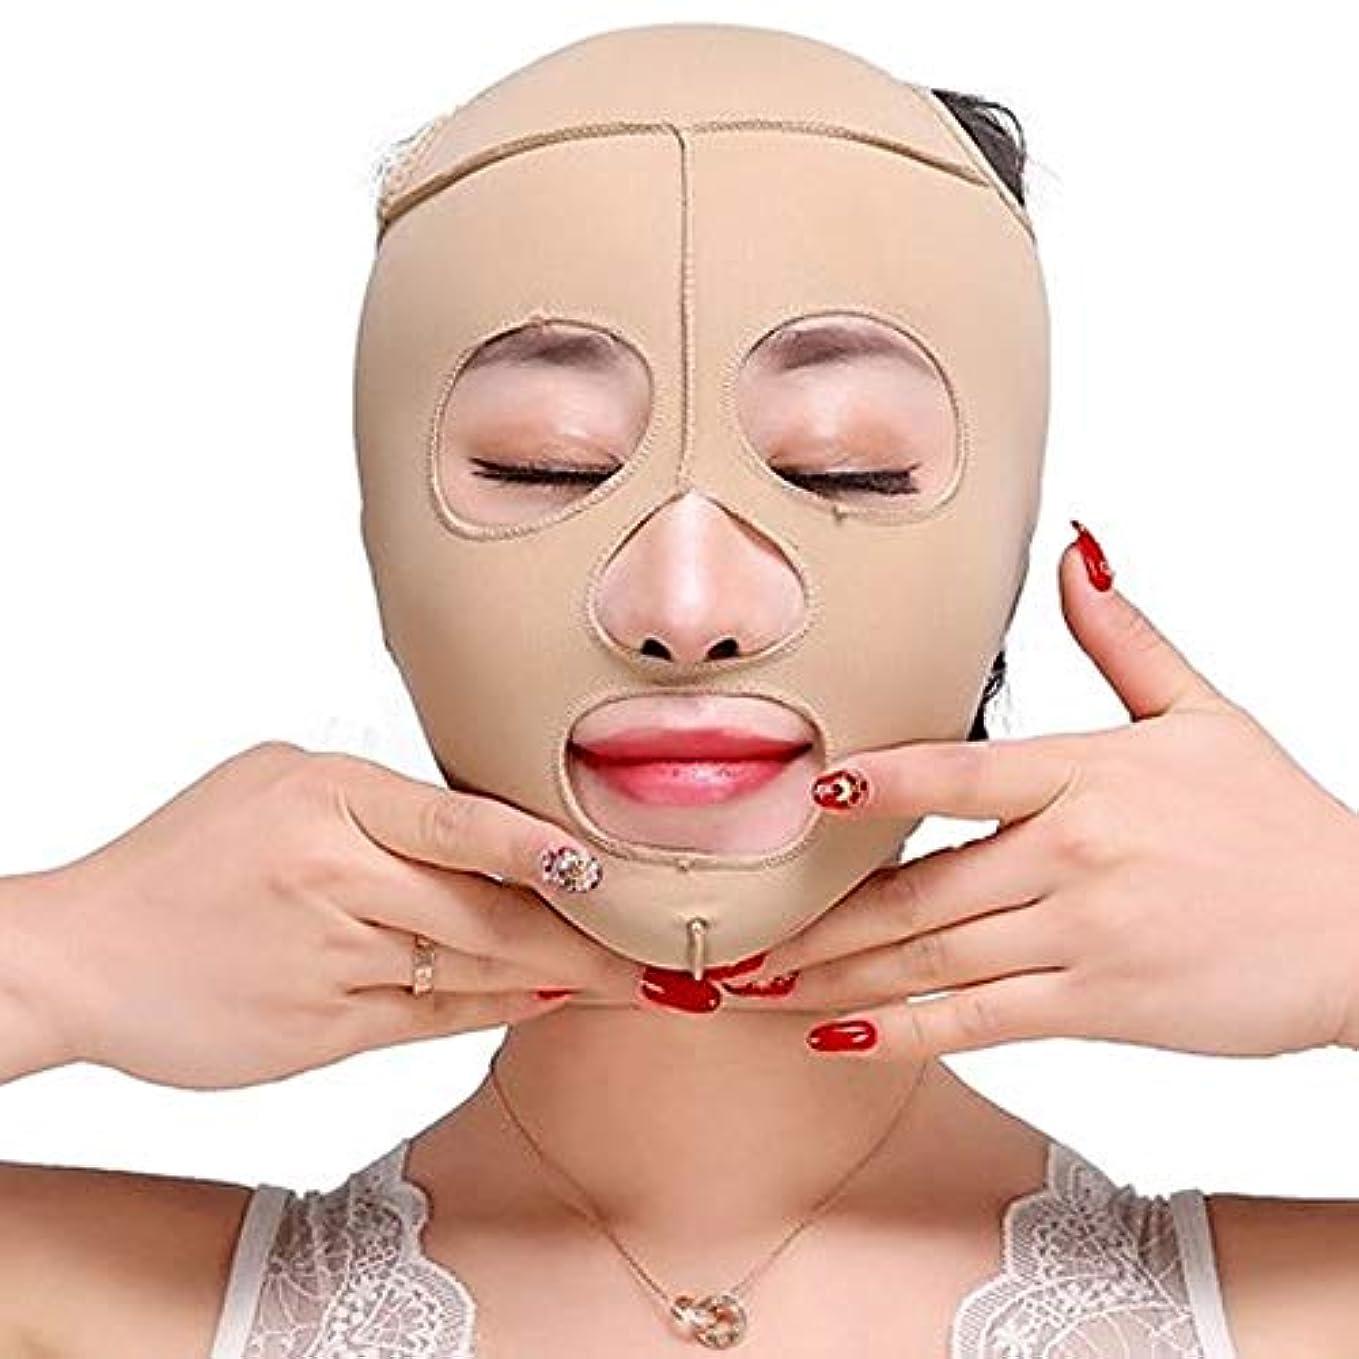 失敗の間に胸フェイスリフティングアーティファクト睡眠薄い顔顔の顔薄い顔V顔マスク二重あご薄い顔包帯肌色 (サイズ さいず : S s)